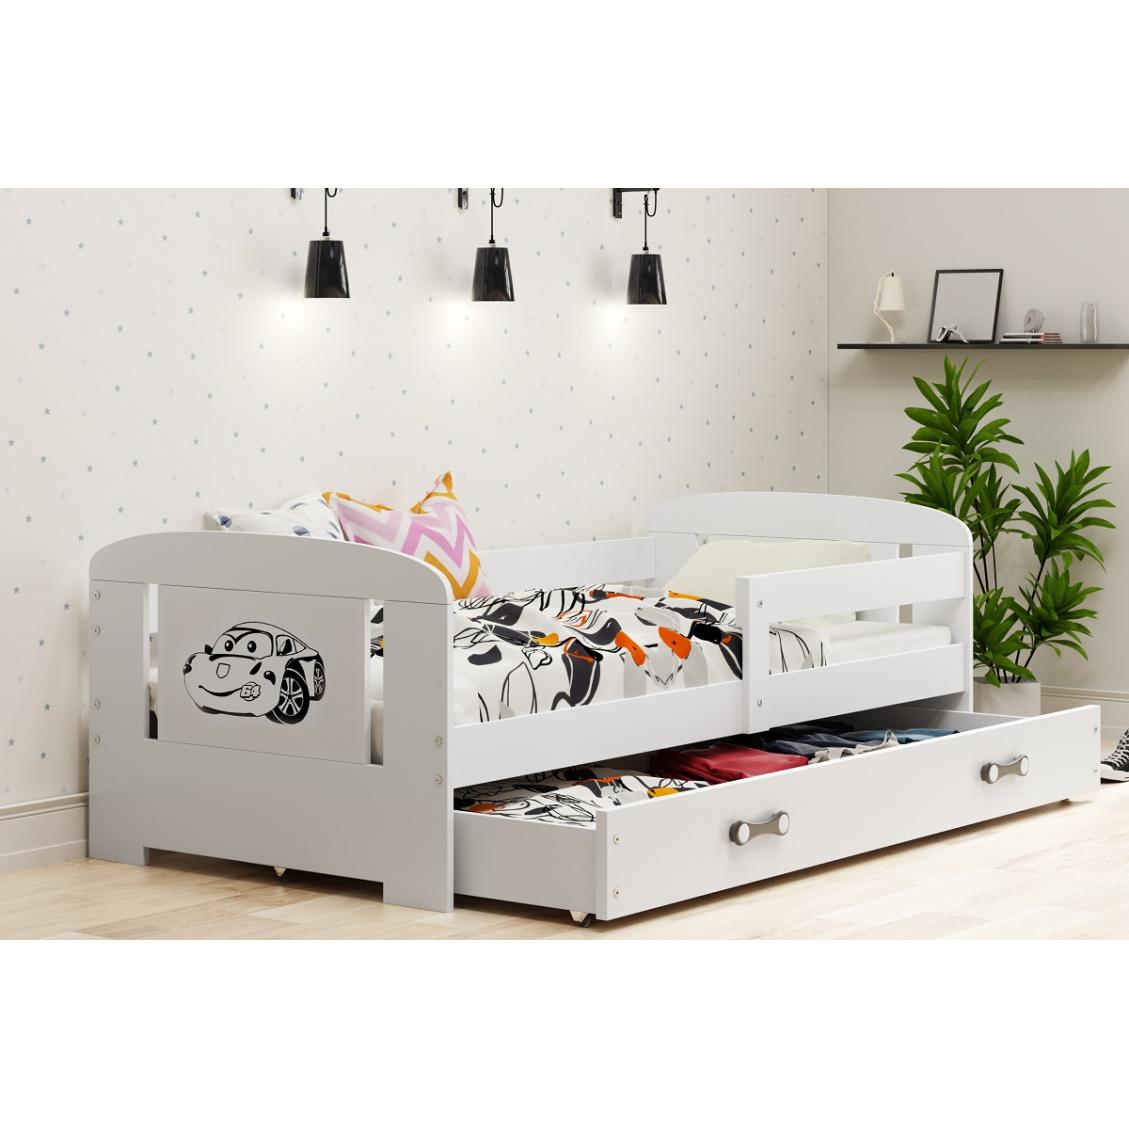 łóżko Jednoosobowe Dziecięce Filip Z Szufladą 160x80 Cm Biały